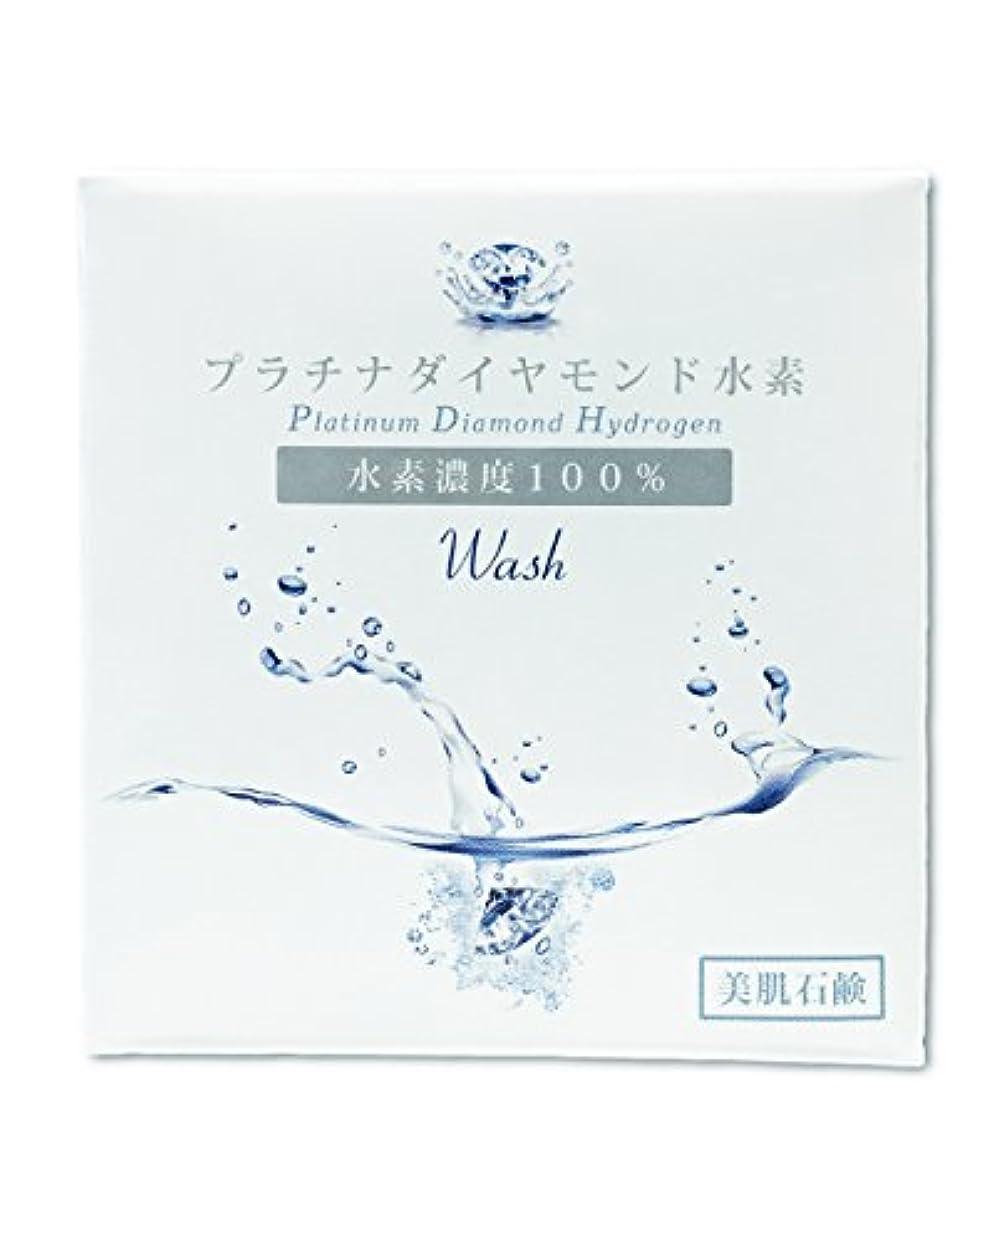 最もブラジャー著者水素石鹸 プラチナダイヤモンド水素Wash